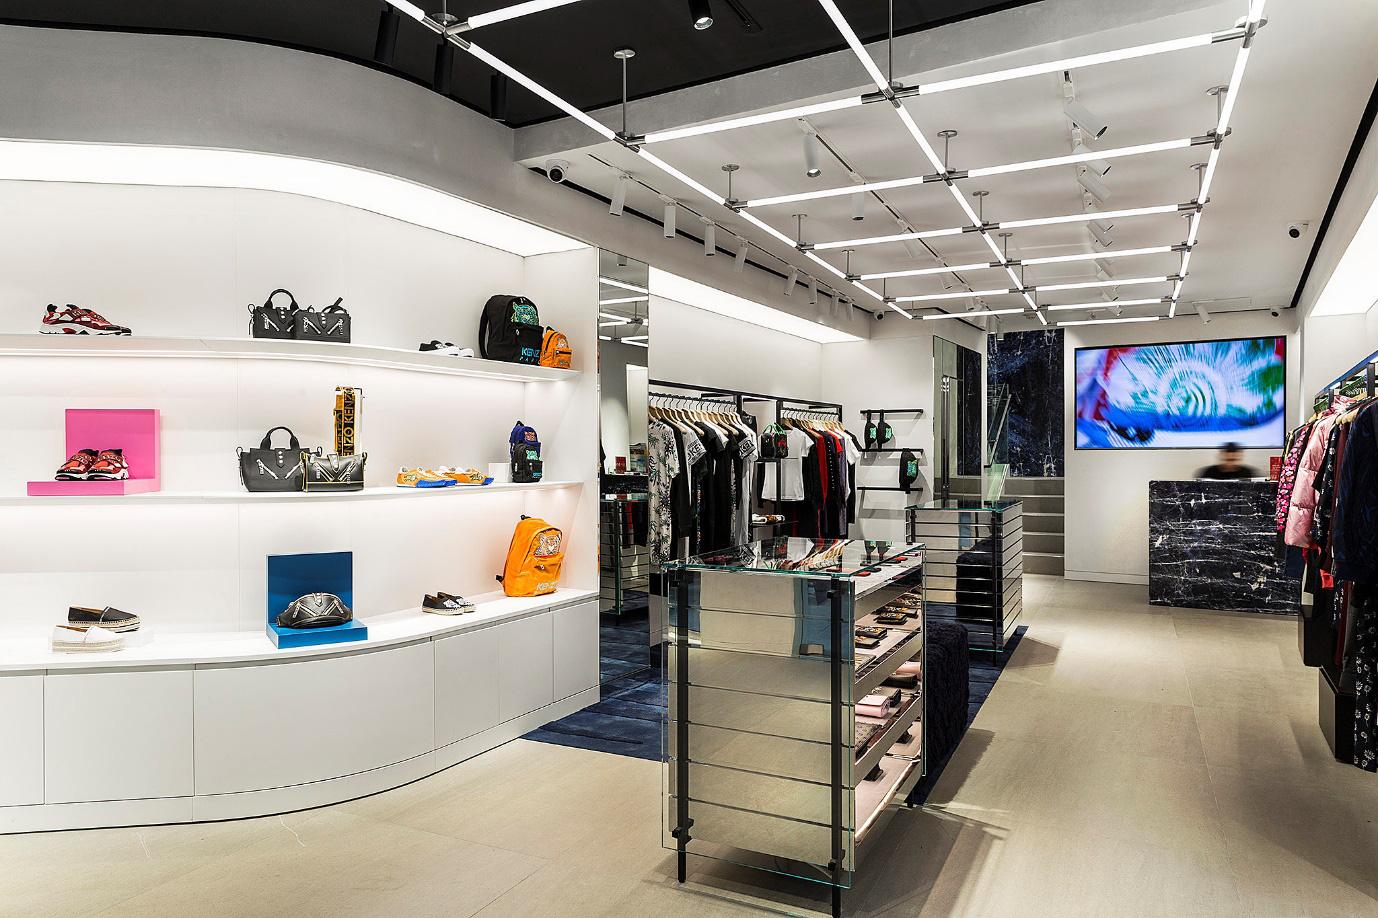 KENZO chào đón cửa hàng mới tại địa điểm đẹp bậc nhất Hà Nội - Ảnh 9.